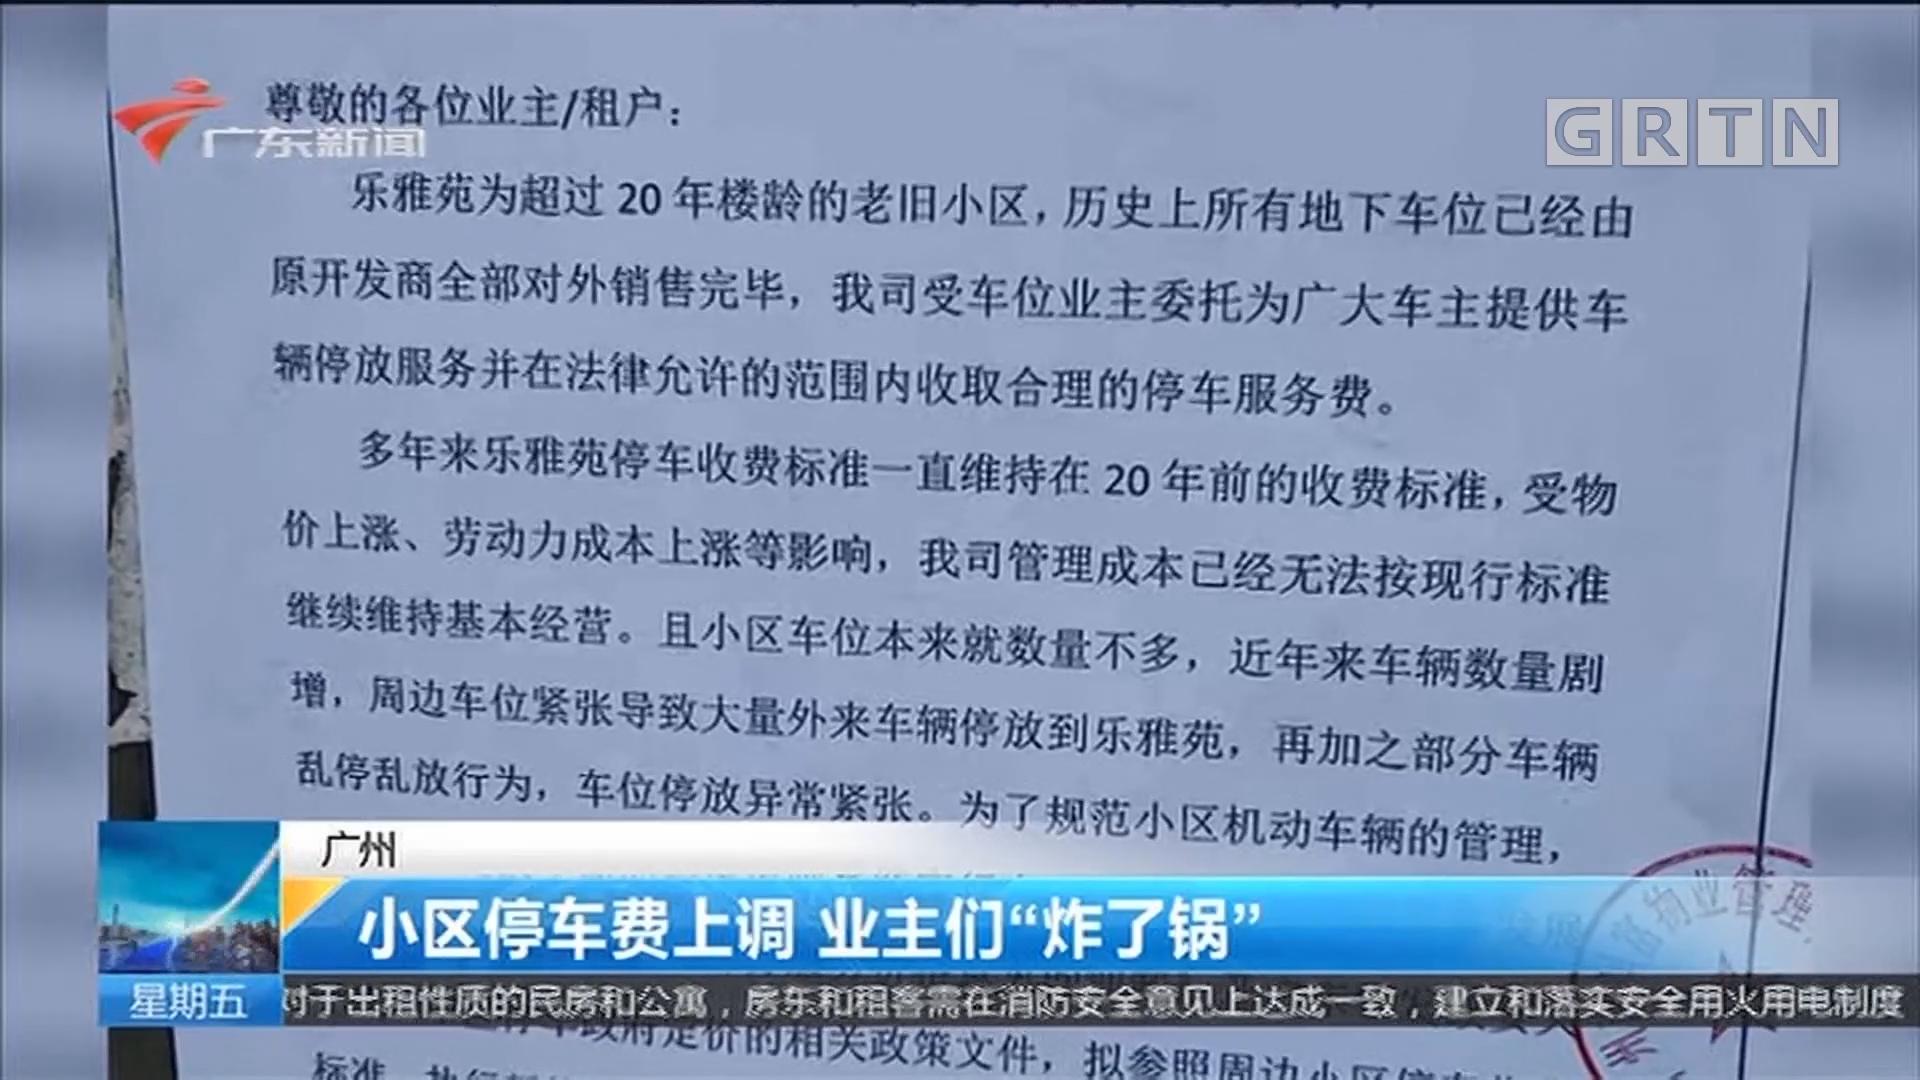 """广州 小区停车费上调 业主们""""炸了锅"""""""